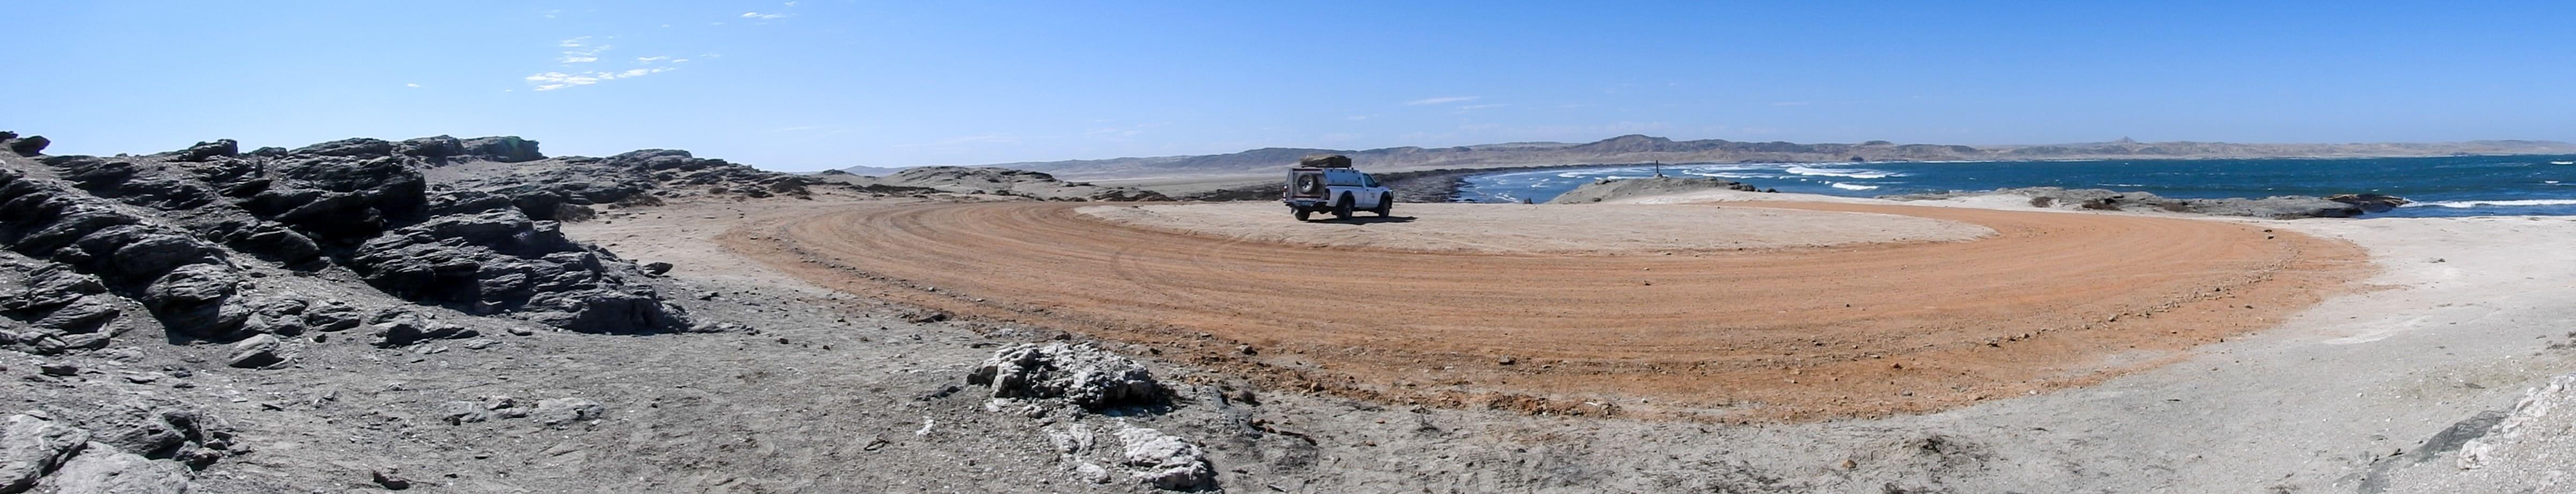 Namibia-Luederitz-Grosse-Bucht